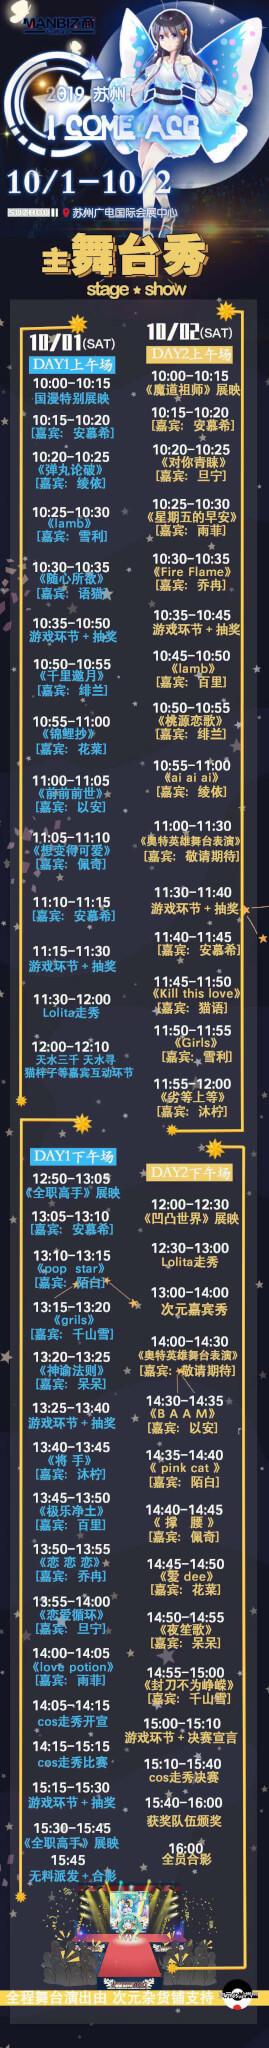 苏州 I COME ACG 动漫游戏博览会10月1日-2日 【三宣-活动嘉宾大公开】-C3动漫网